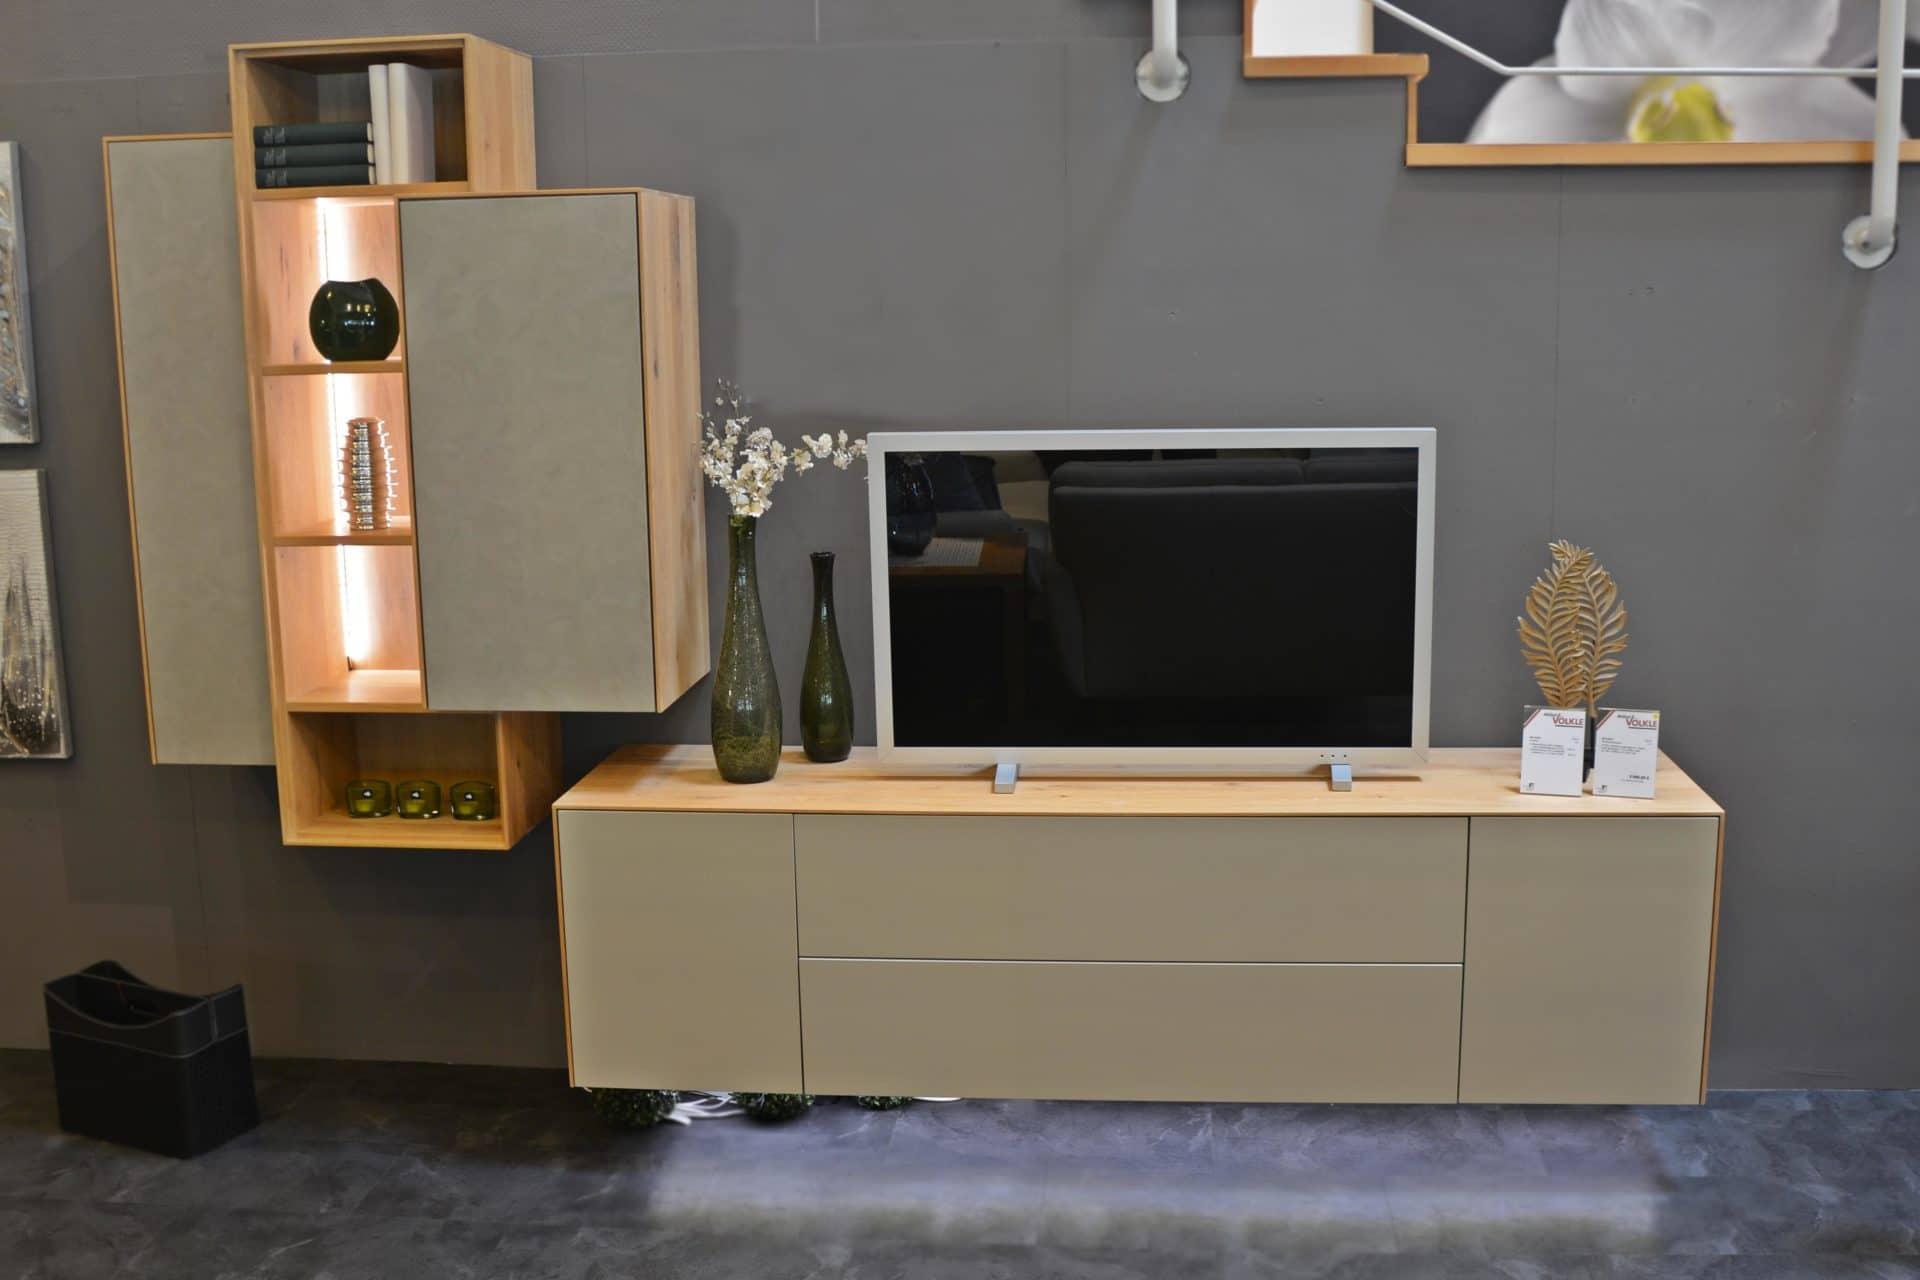 Full Size of Design Küche Ausstellungsstück Küche Ausstellungsstück Hamburg Grifflose Küche Ausstellungsstück Nolte Küche Ausstellungsstück Küche Küche Ausstellungsstück